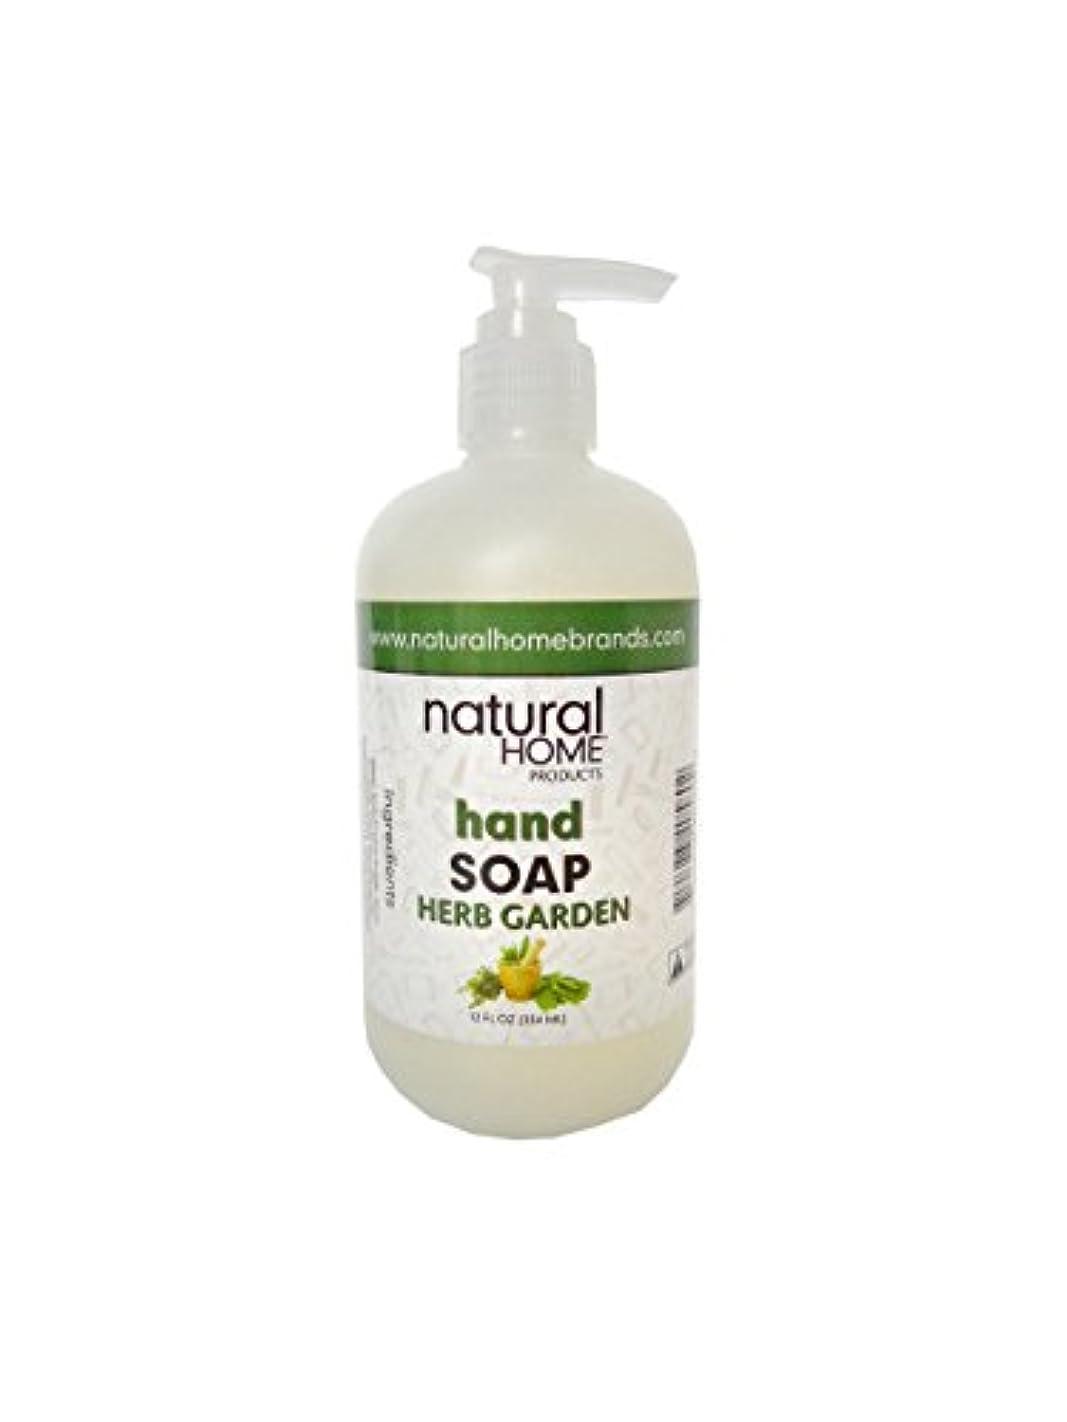 無一文テクニカルラケットNatural Home Herb Garden Hand Soap, 350ml, Green